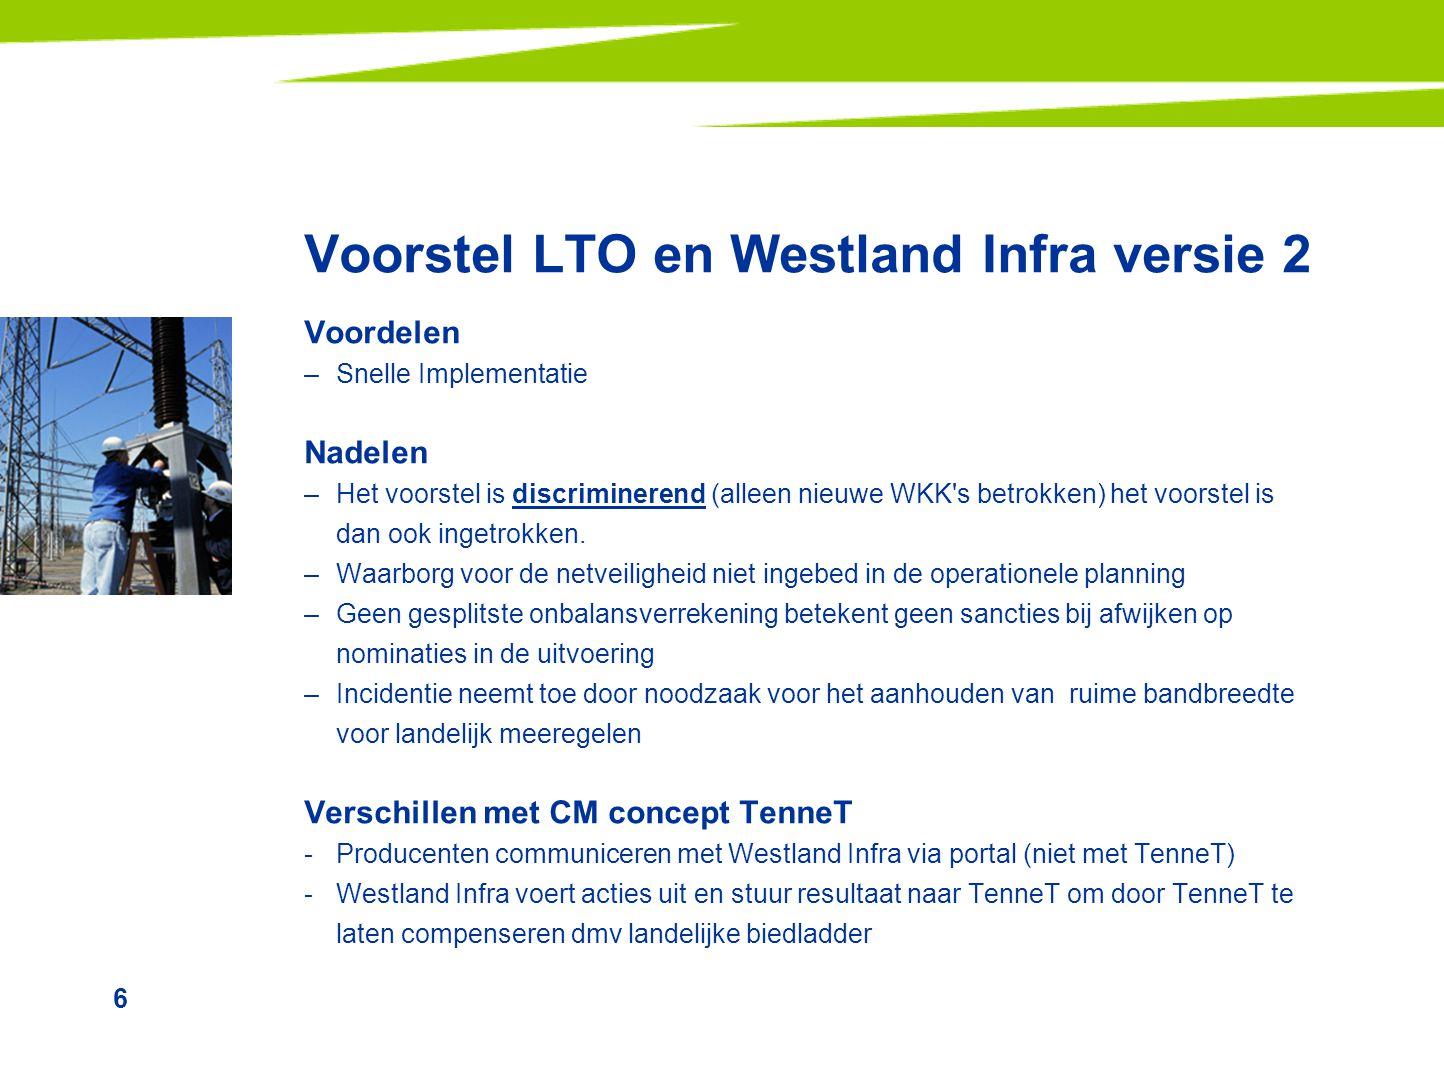 6 Voorstel LTO en Westland Infra versie 2 Voordelen –Snelle Implementatie Nadelen –Het voorstel is discriminerend (alleen nieuwe WKK's betrokken) het